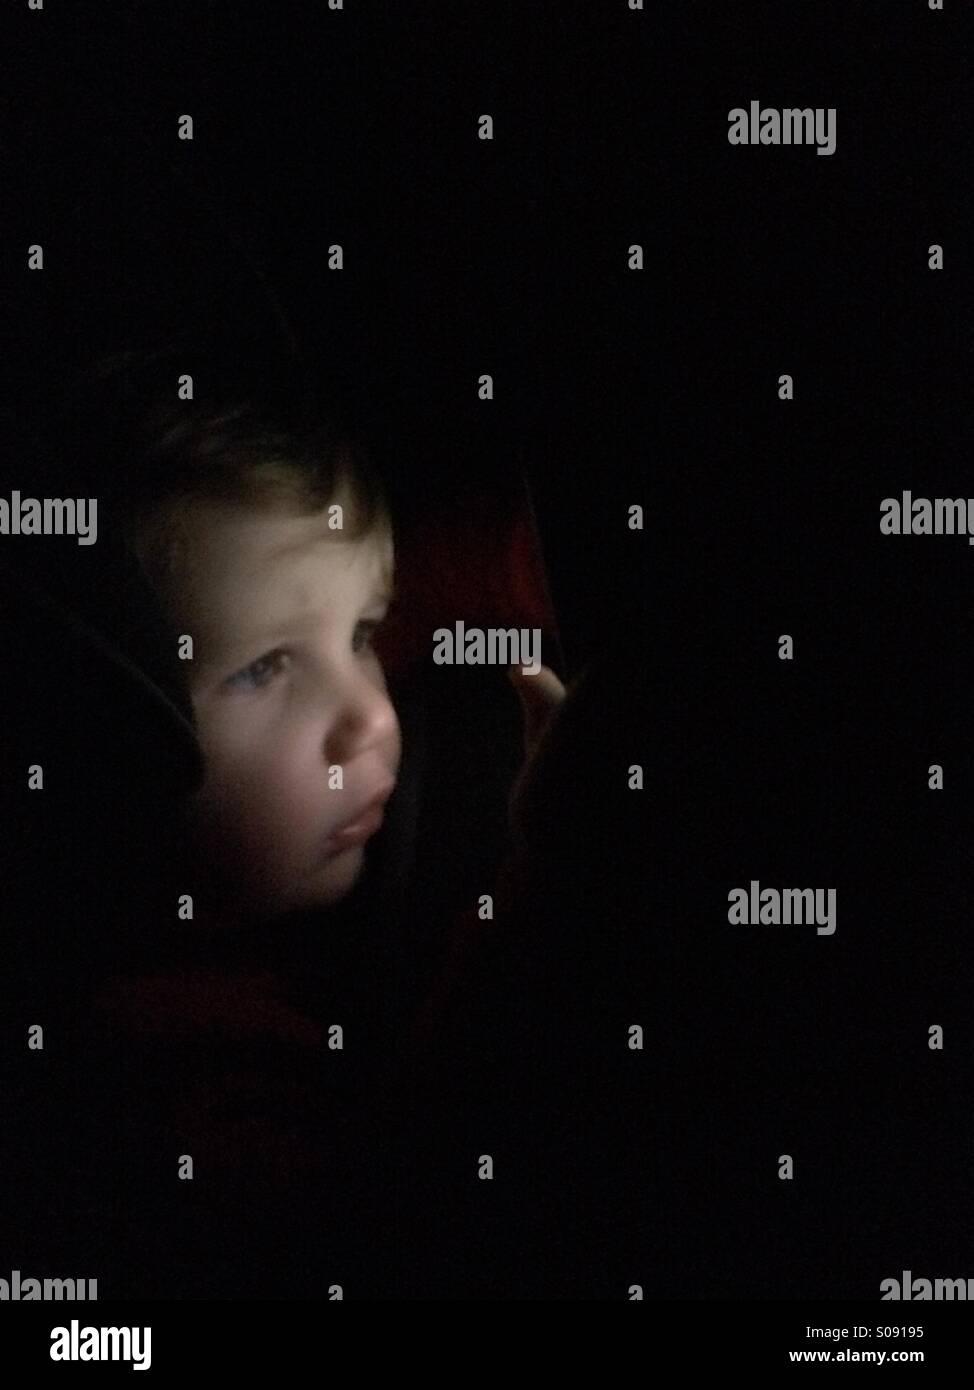 Niño mirando a través de la oscuridad Imagen De Stock